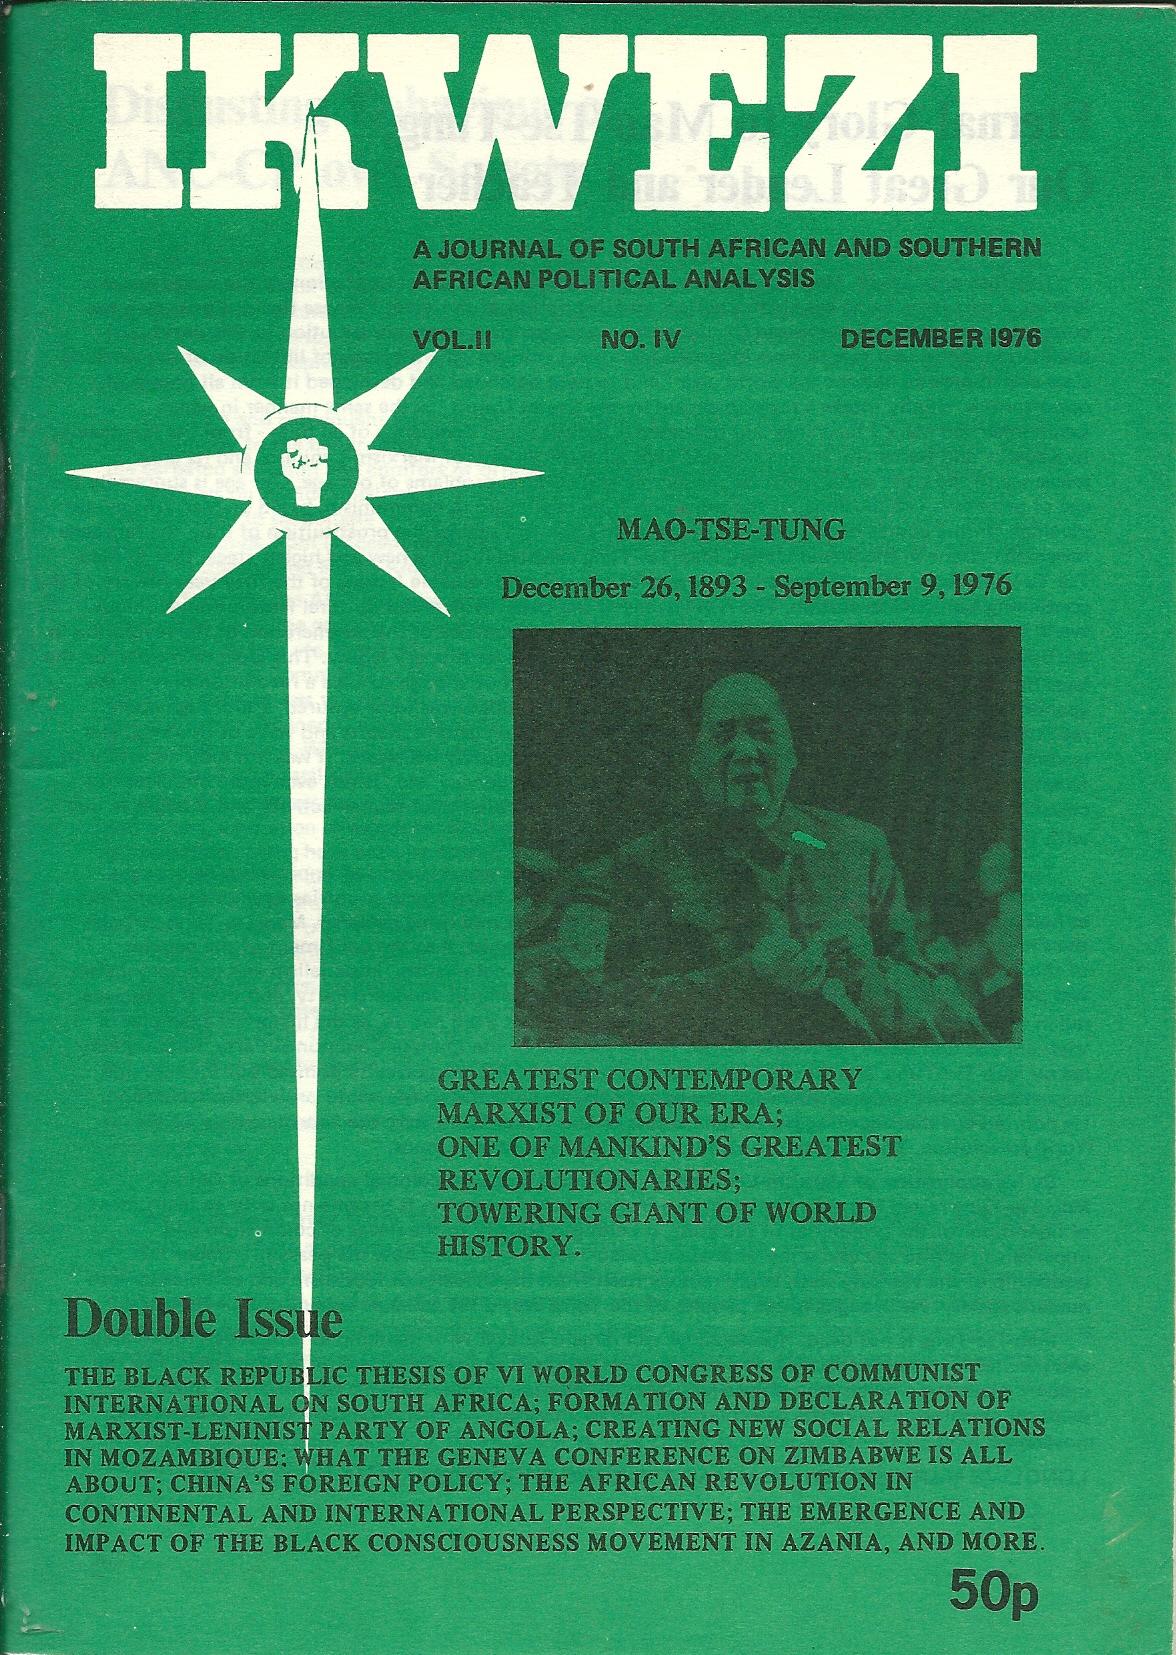 ikwezi  Vol 2 No.4 December 1976